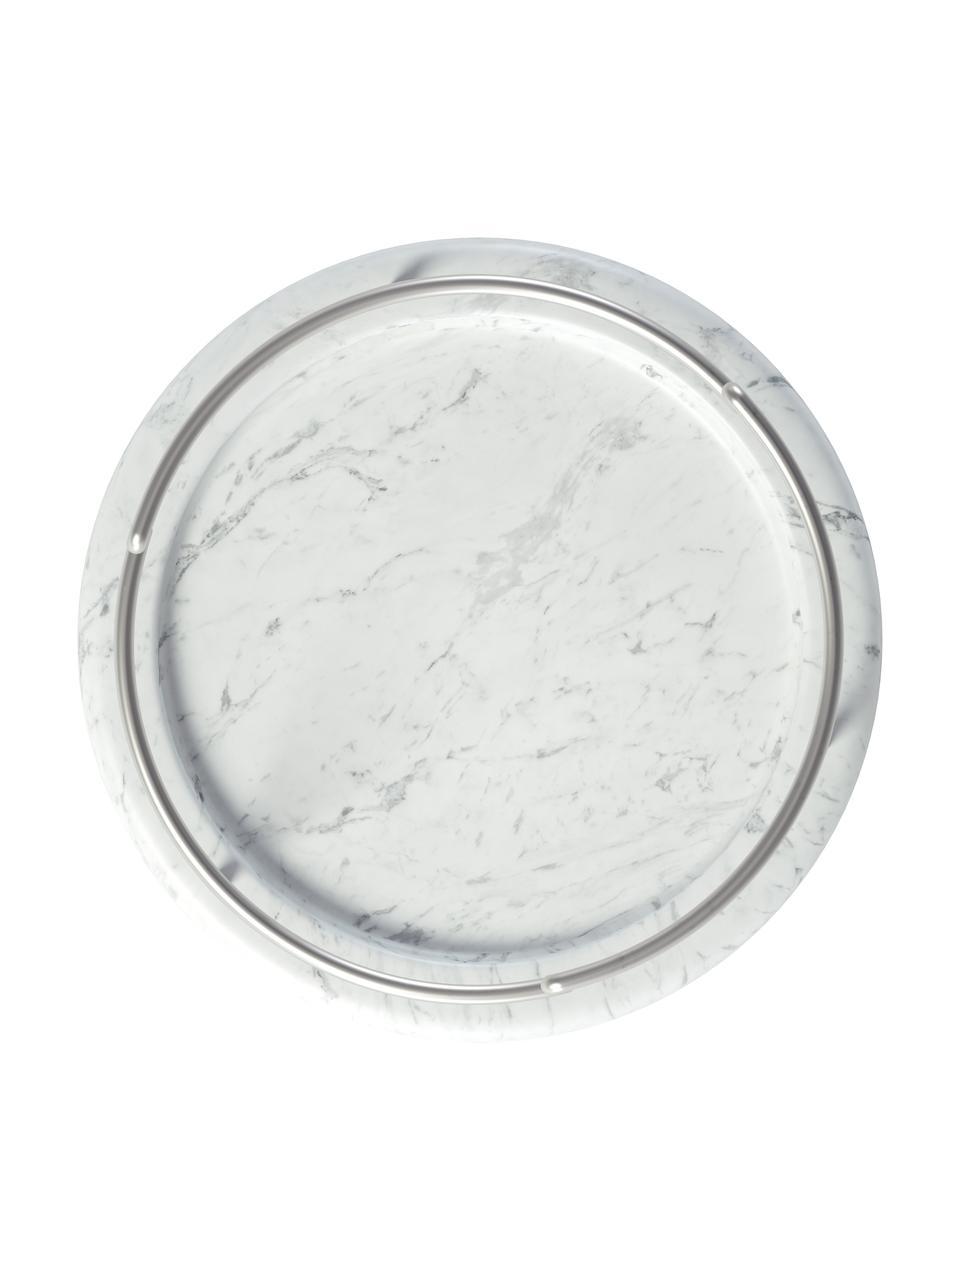 Stojak na biżuterię Tesora, Biały, srebrny, Ø 15 x W 42 cm